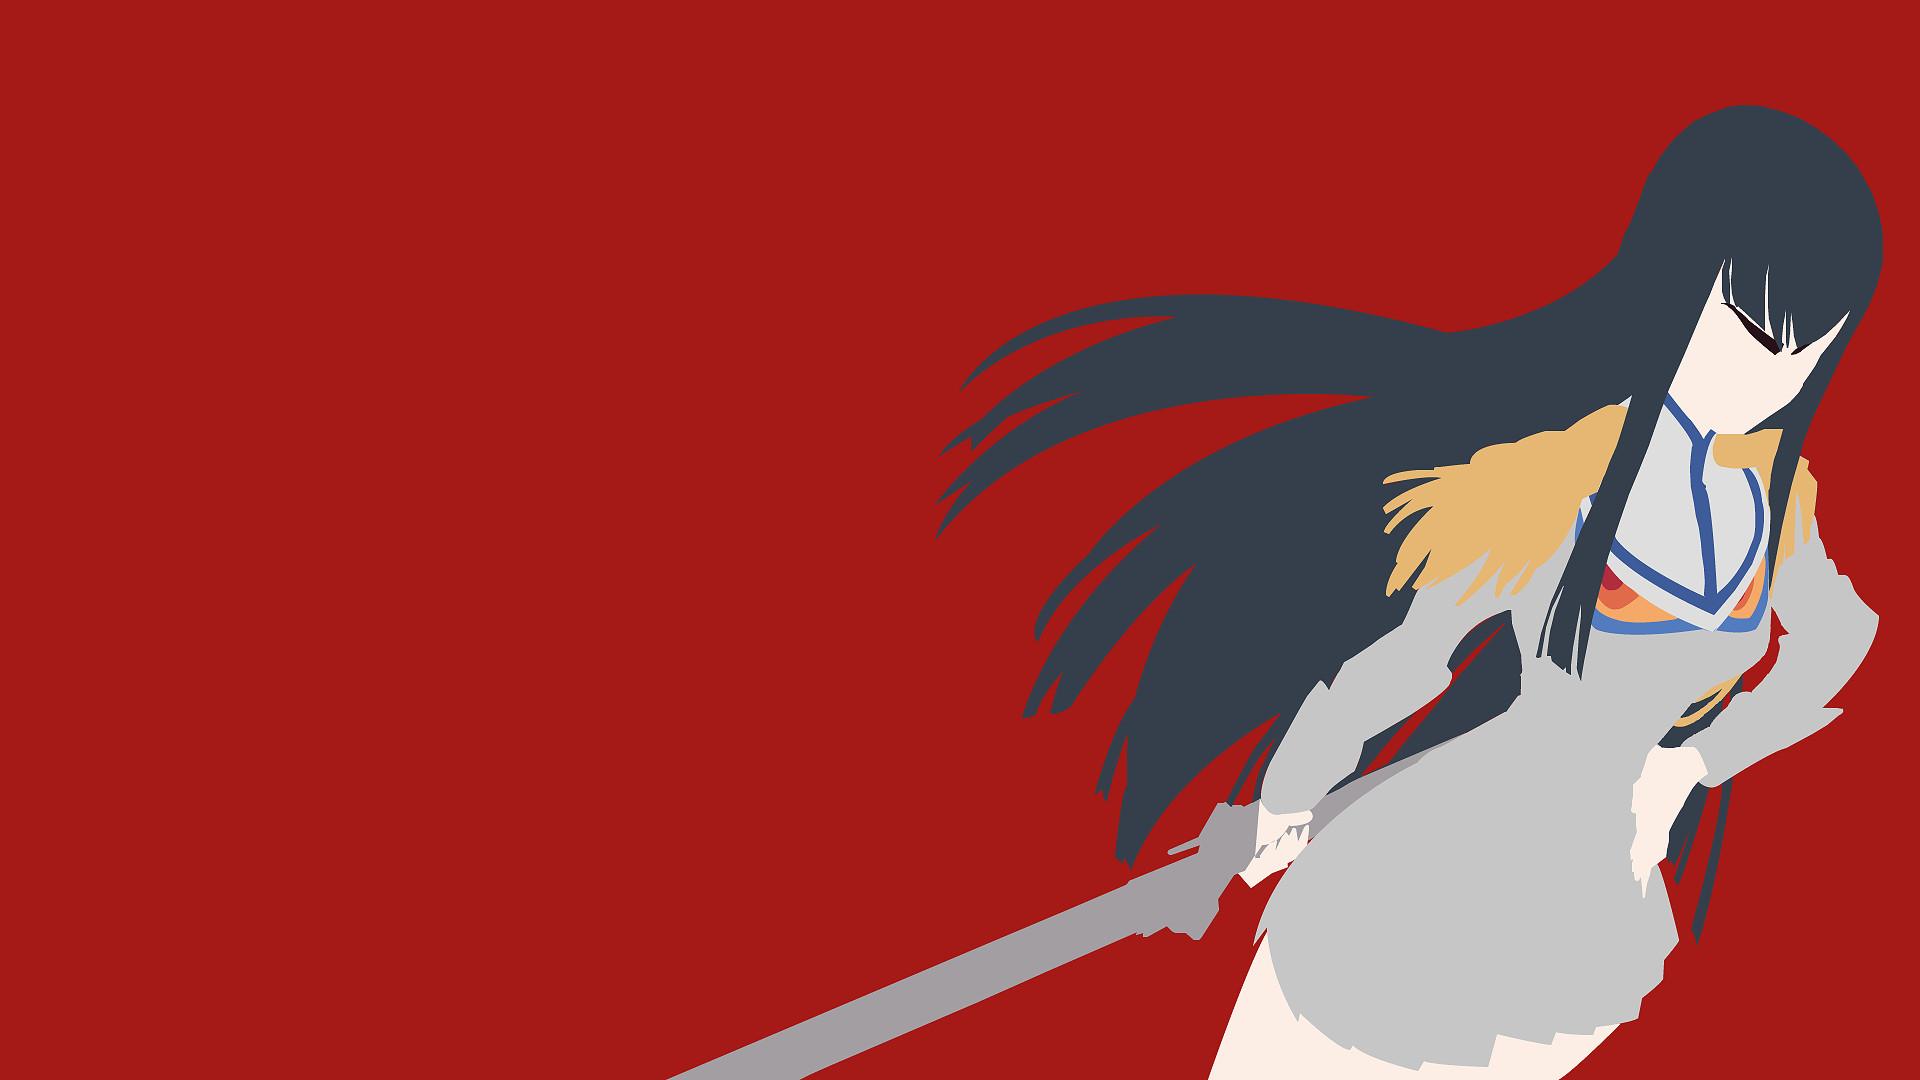 Anime Wallpaper Dump